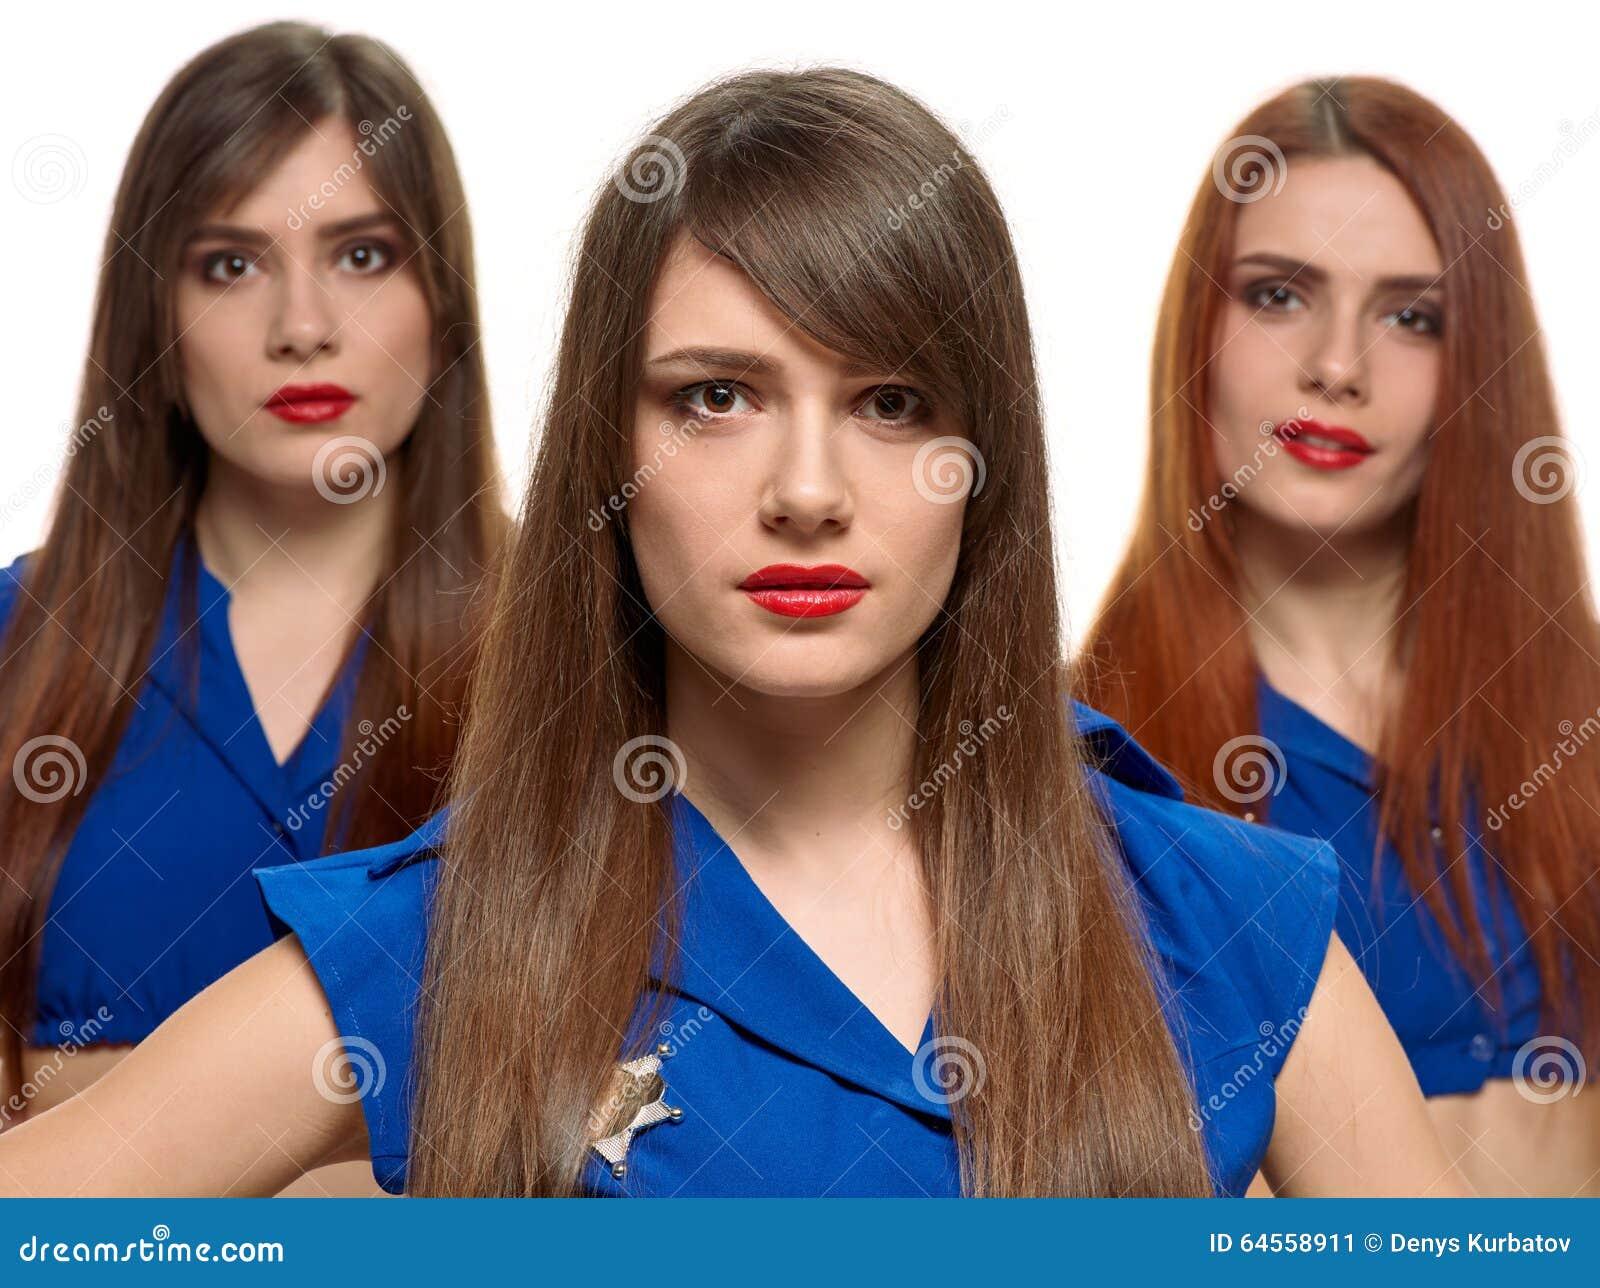 nenas eroticas grupo de tres